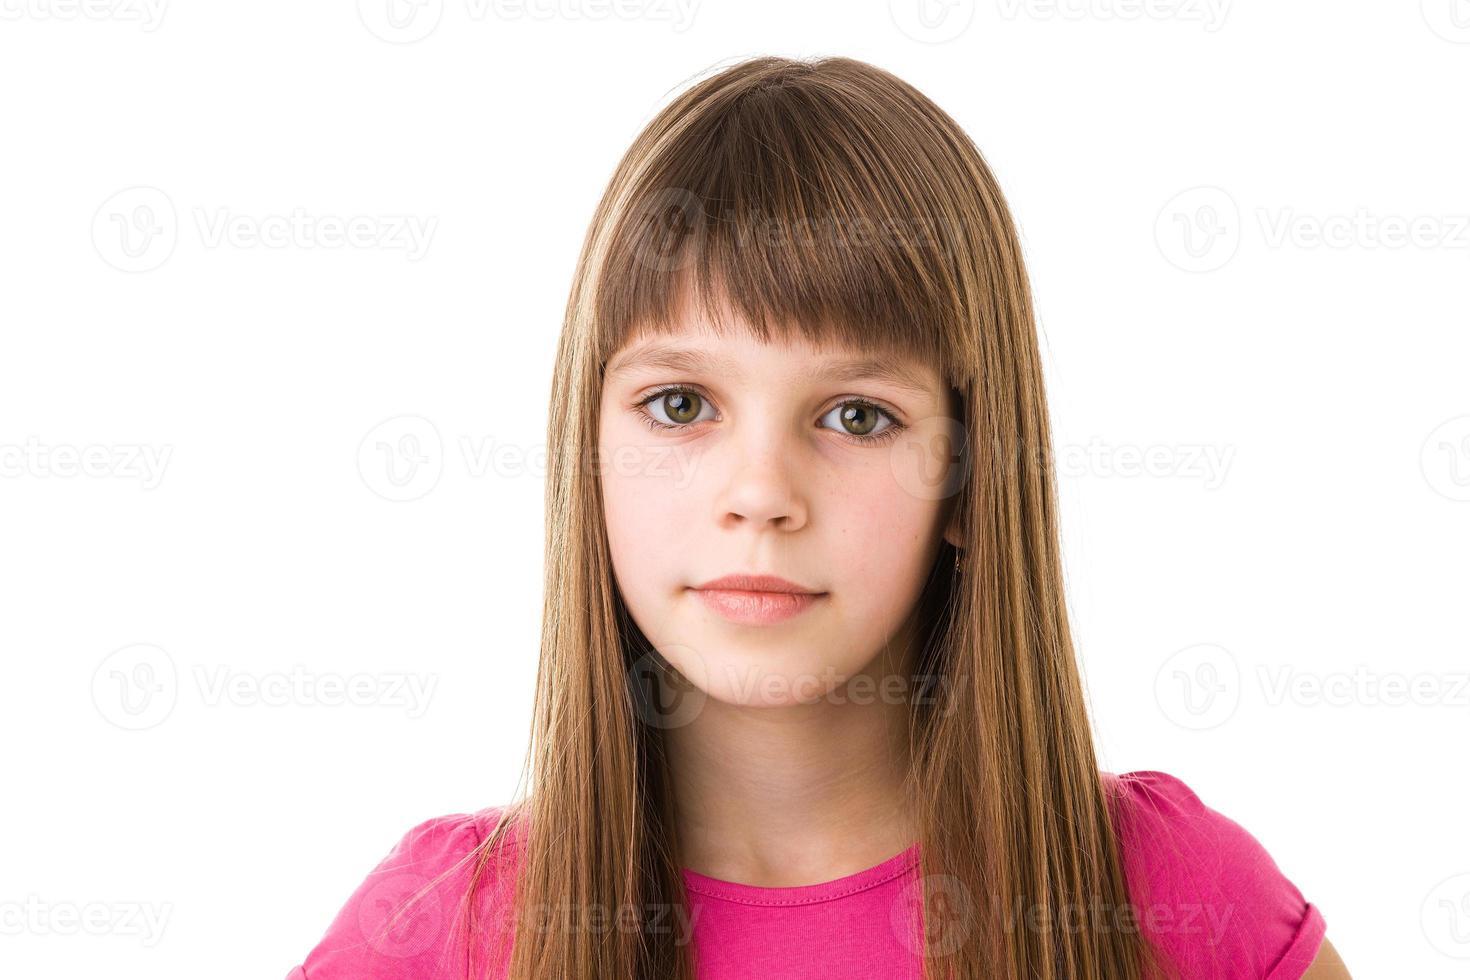 jong tienermeisje foto